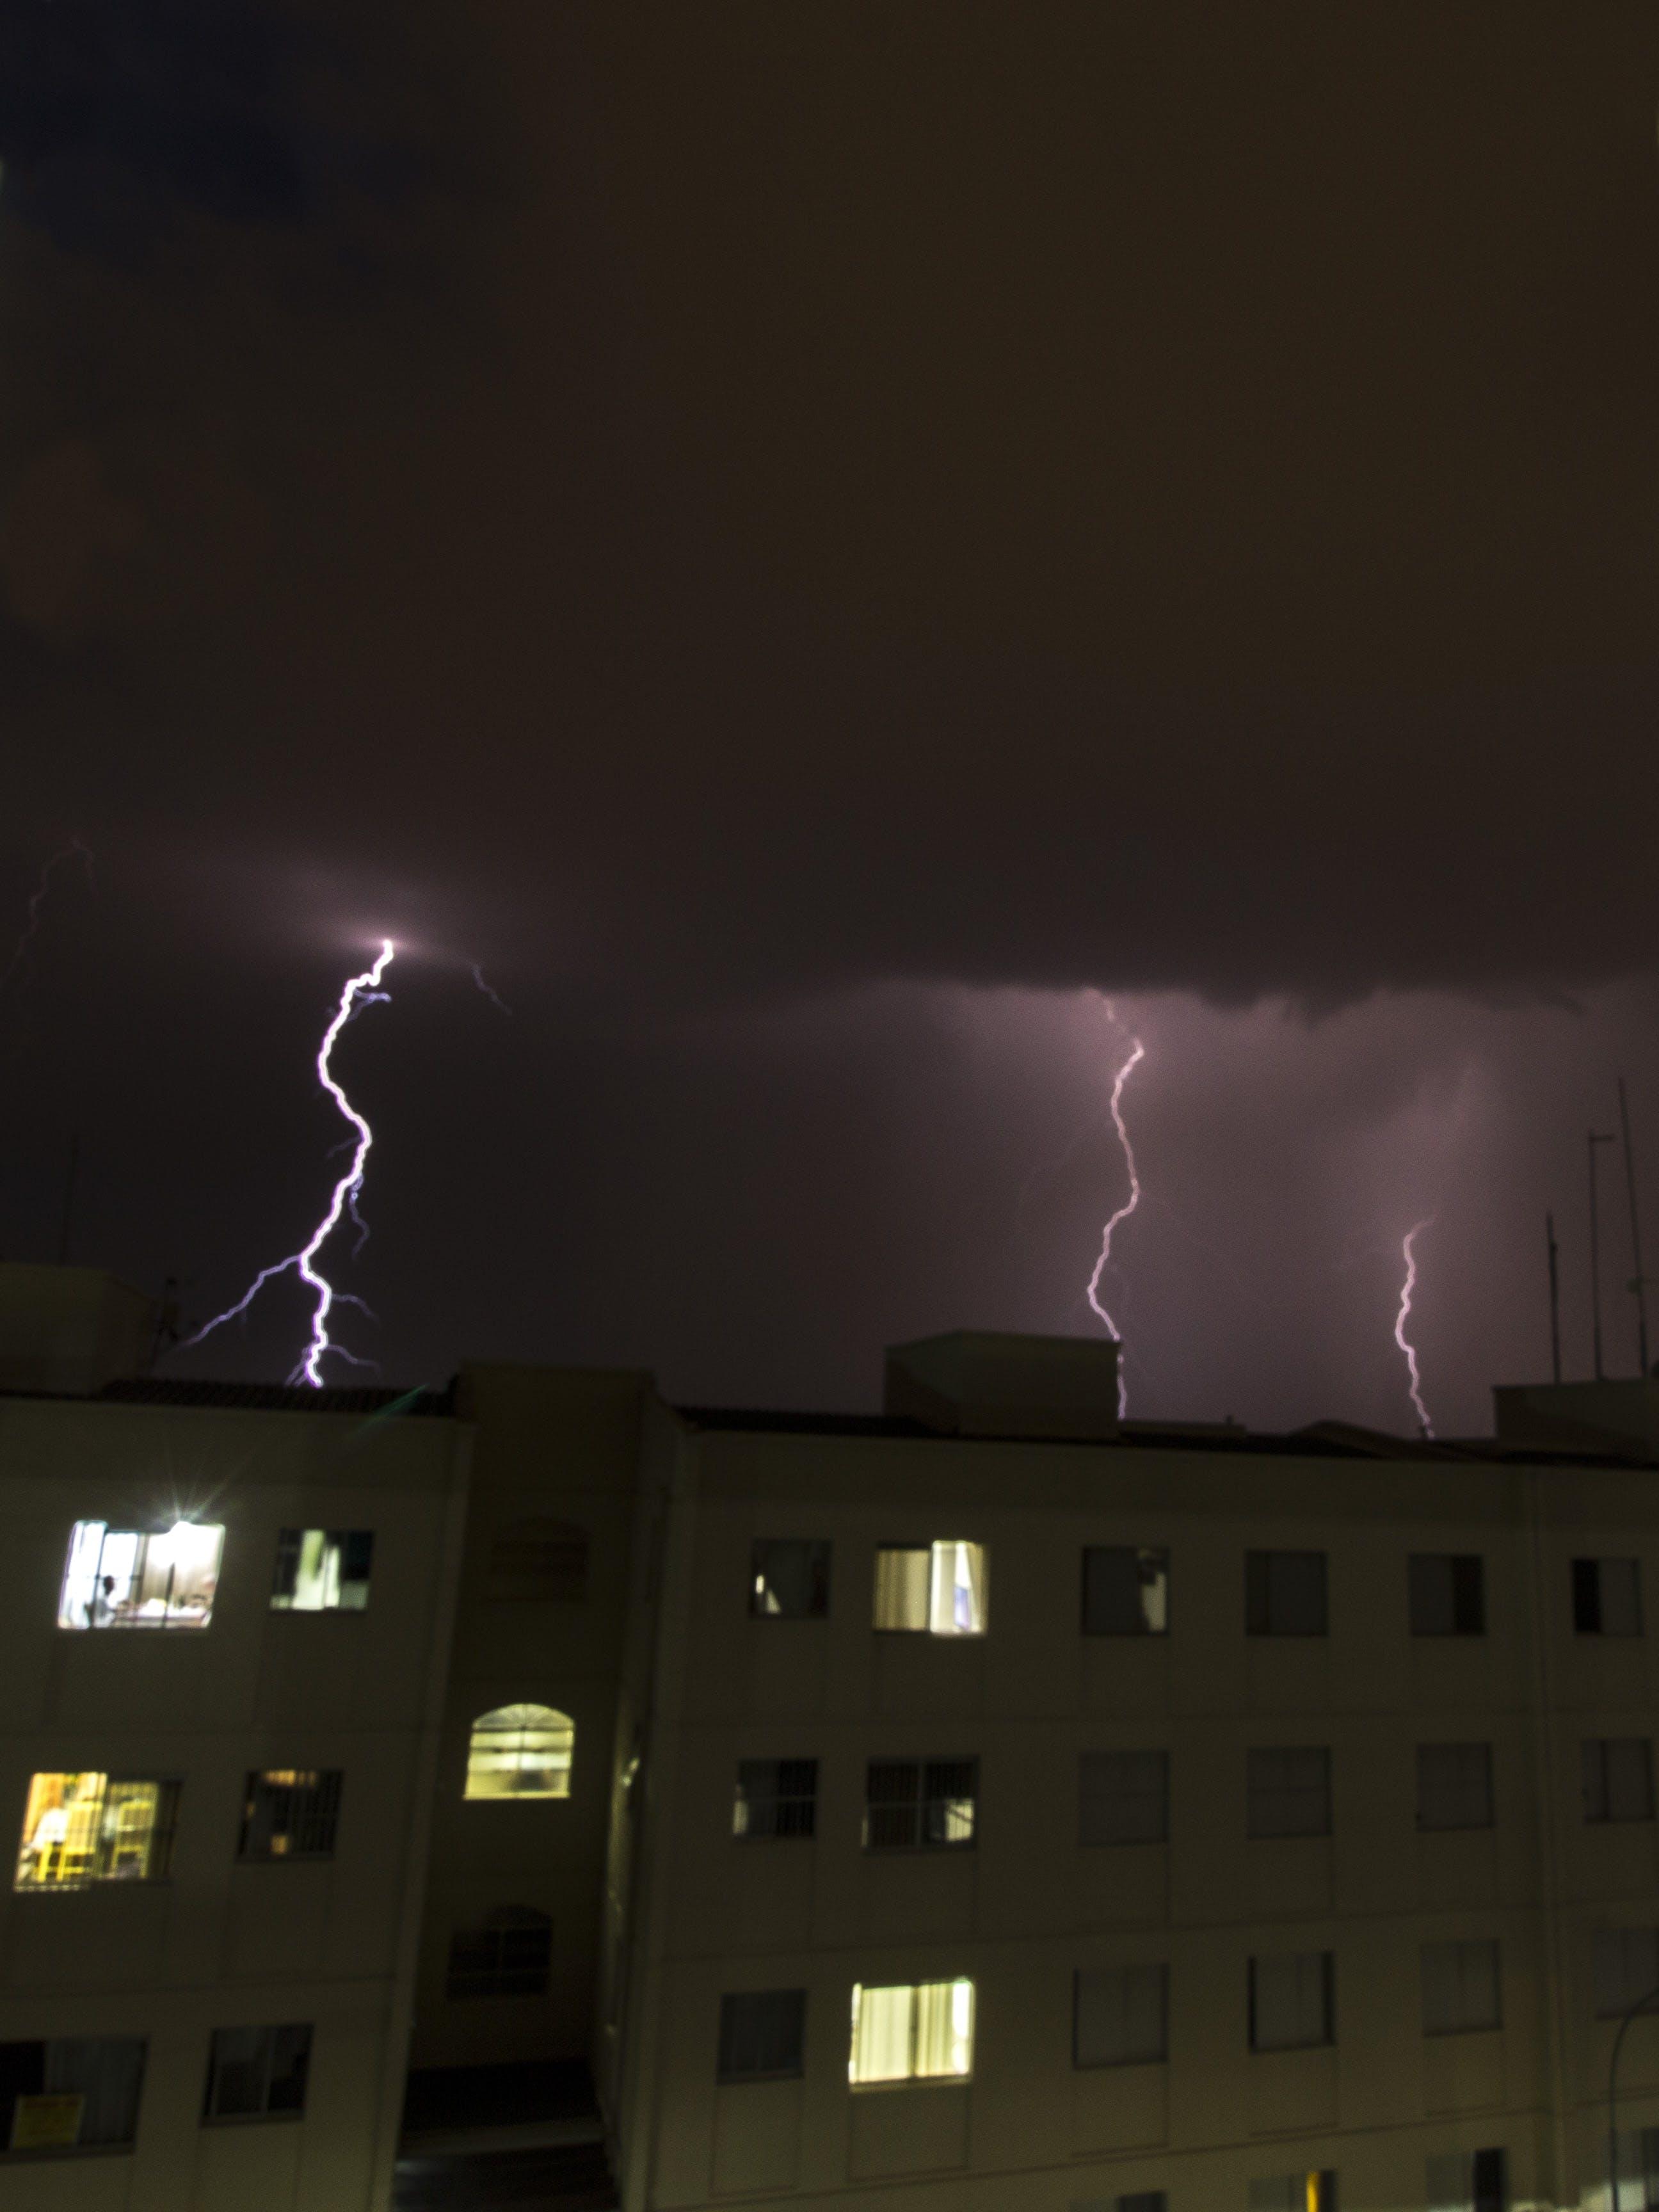 Darmowe zdjęcie z galerii z architektura, budynek, burza z piorunami, błysk